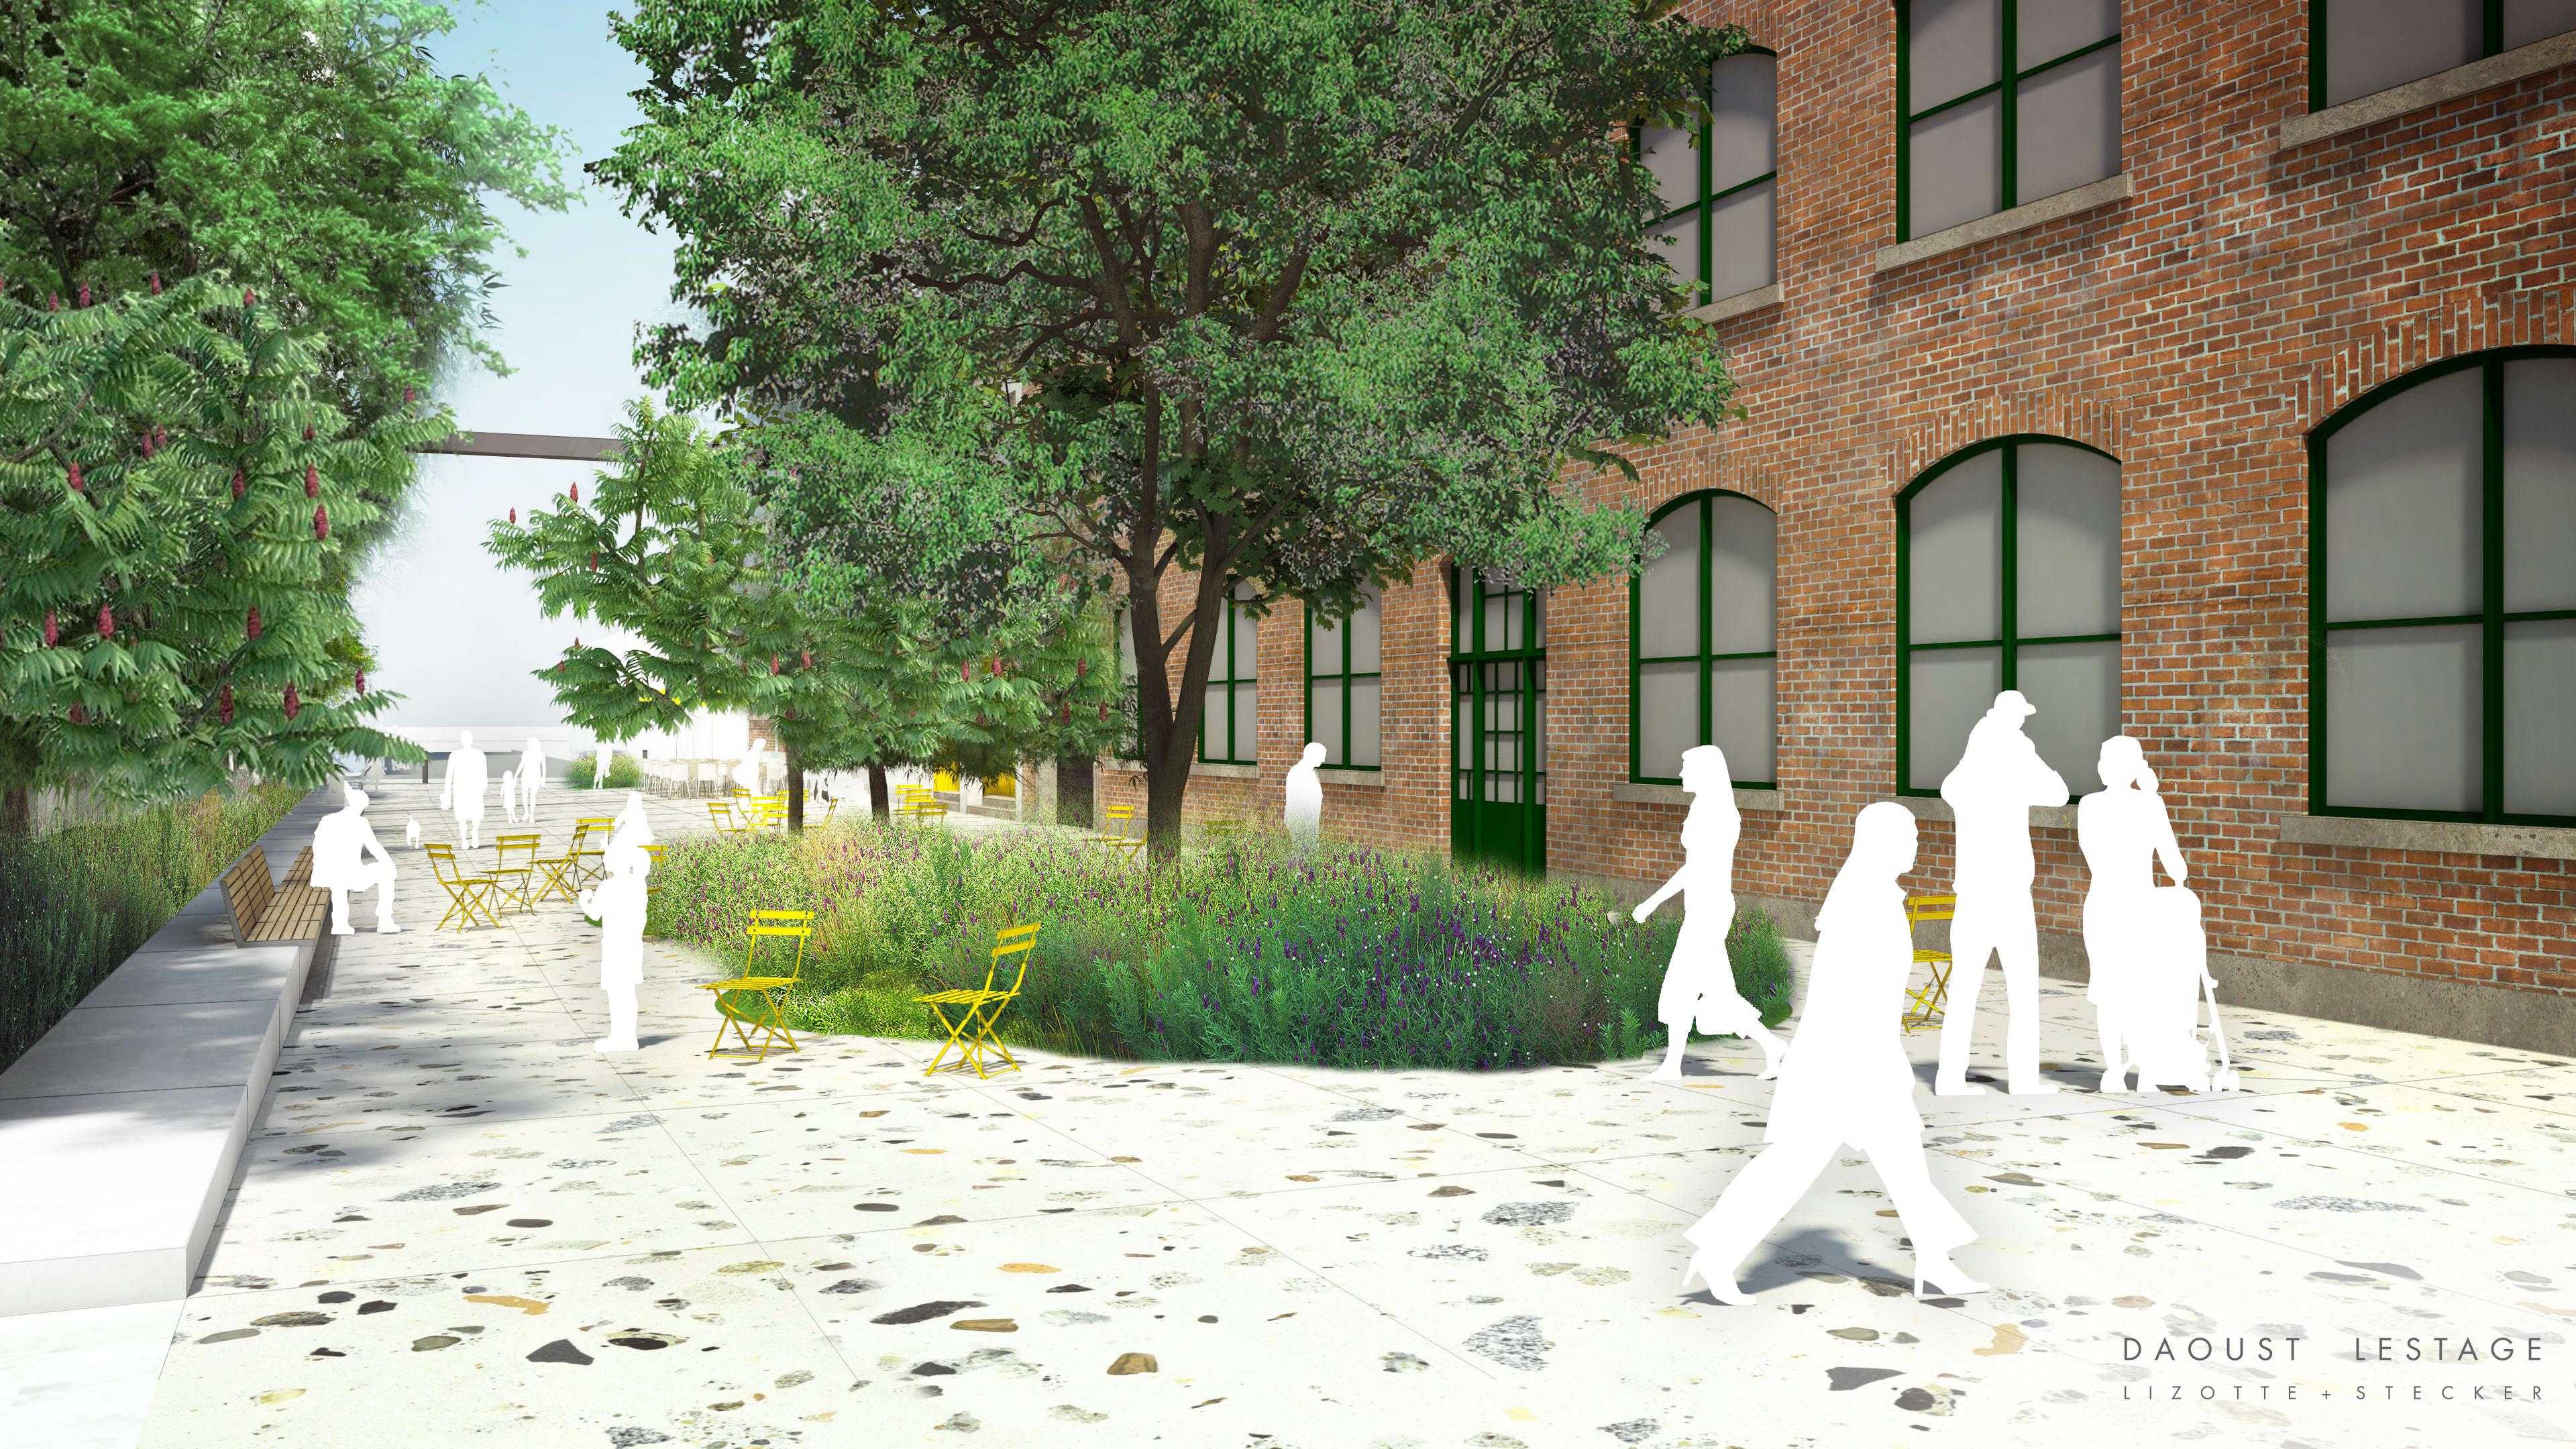 Perspective de la future place publique   Firme d'architecture de paysage Daoust Lestage Lizotte Stecker